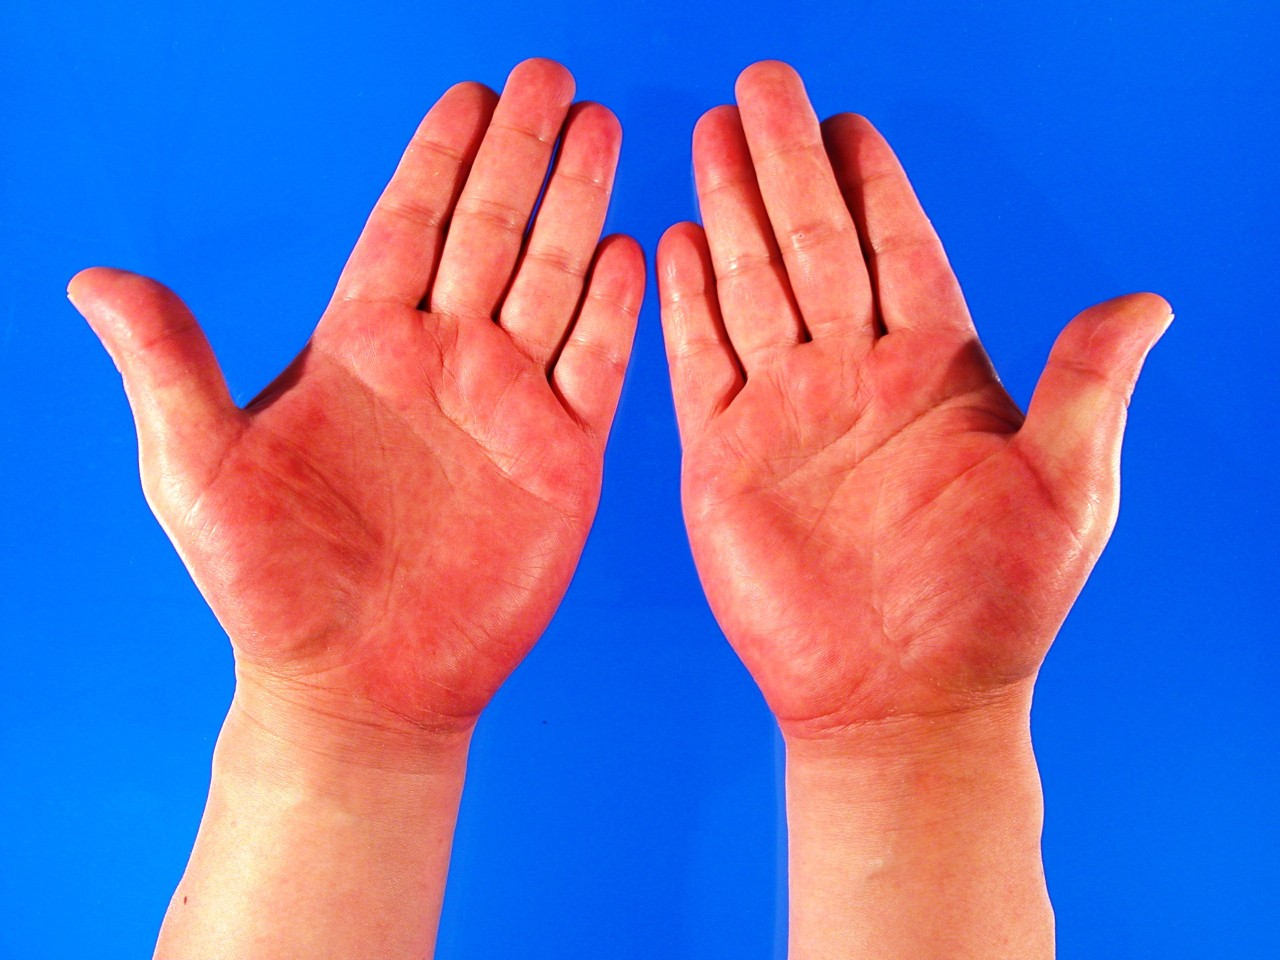 Những dấu hiệu cảnh báo bệnh gan bạn cần quan tâm - Ảnh 3